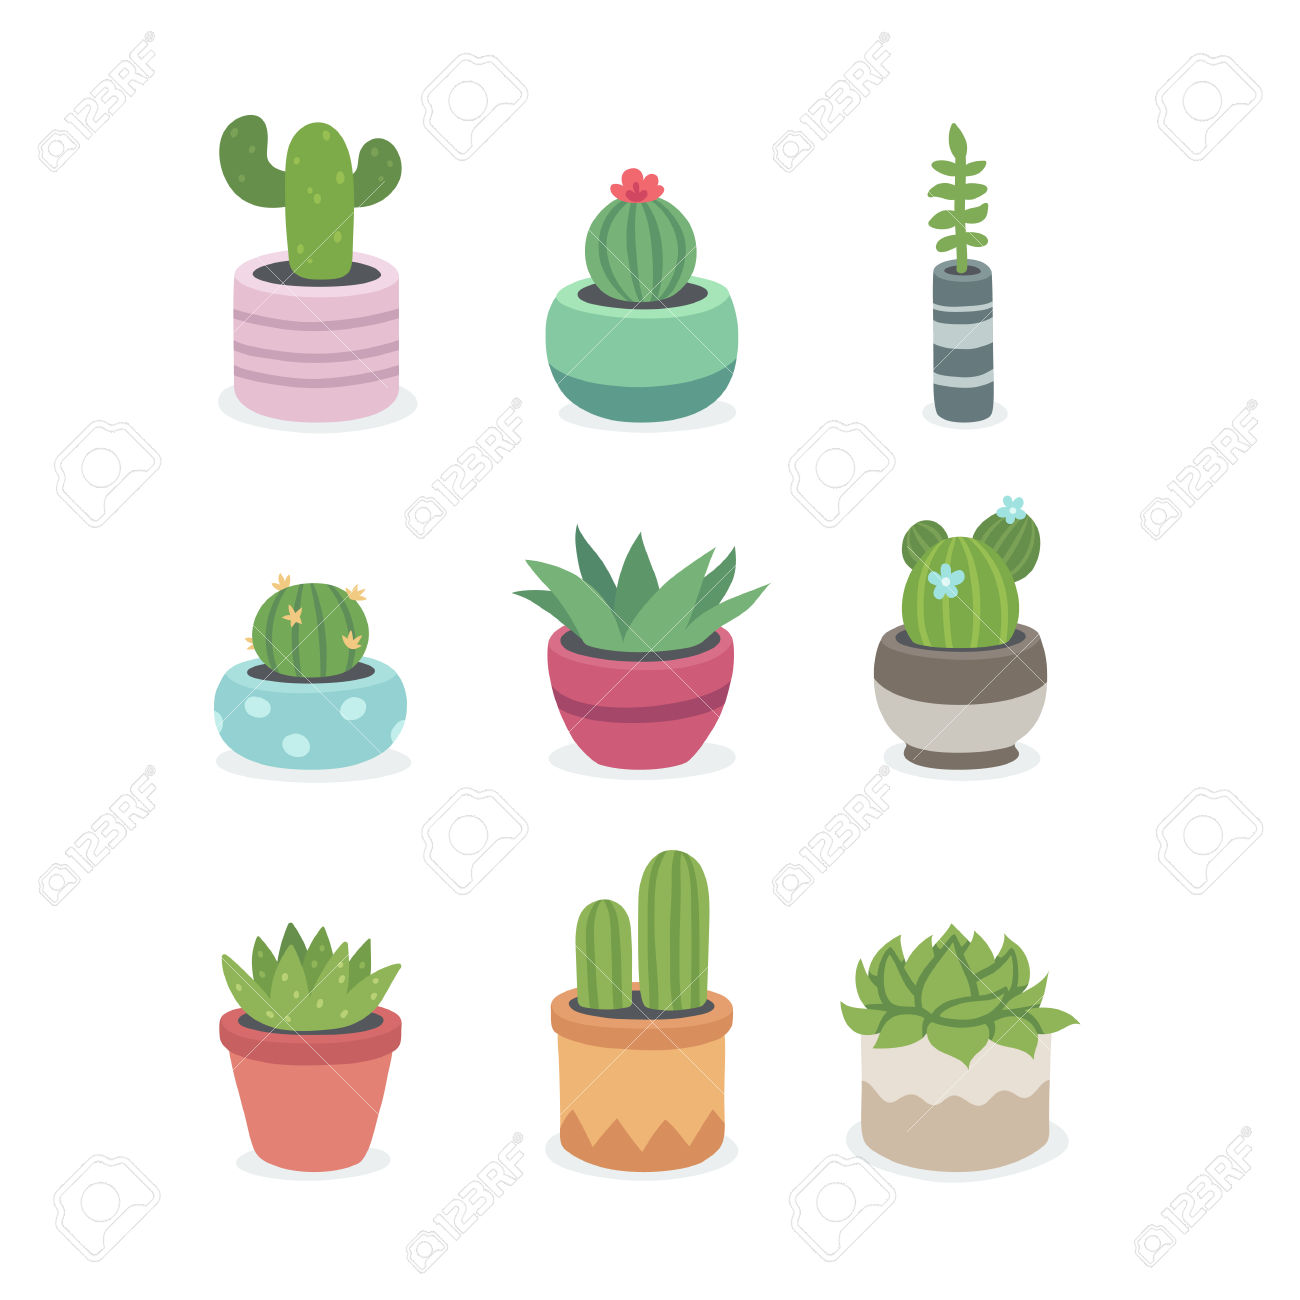 Simple clipart cactus #13